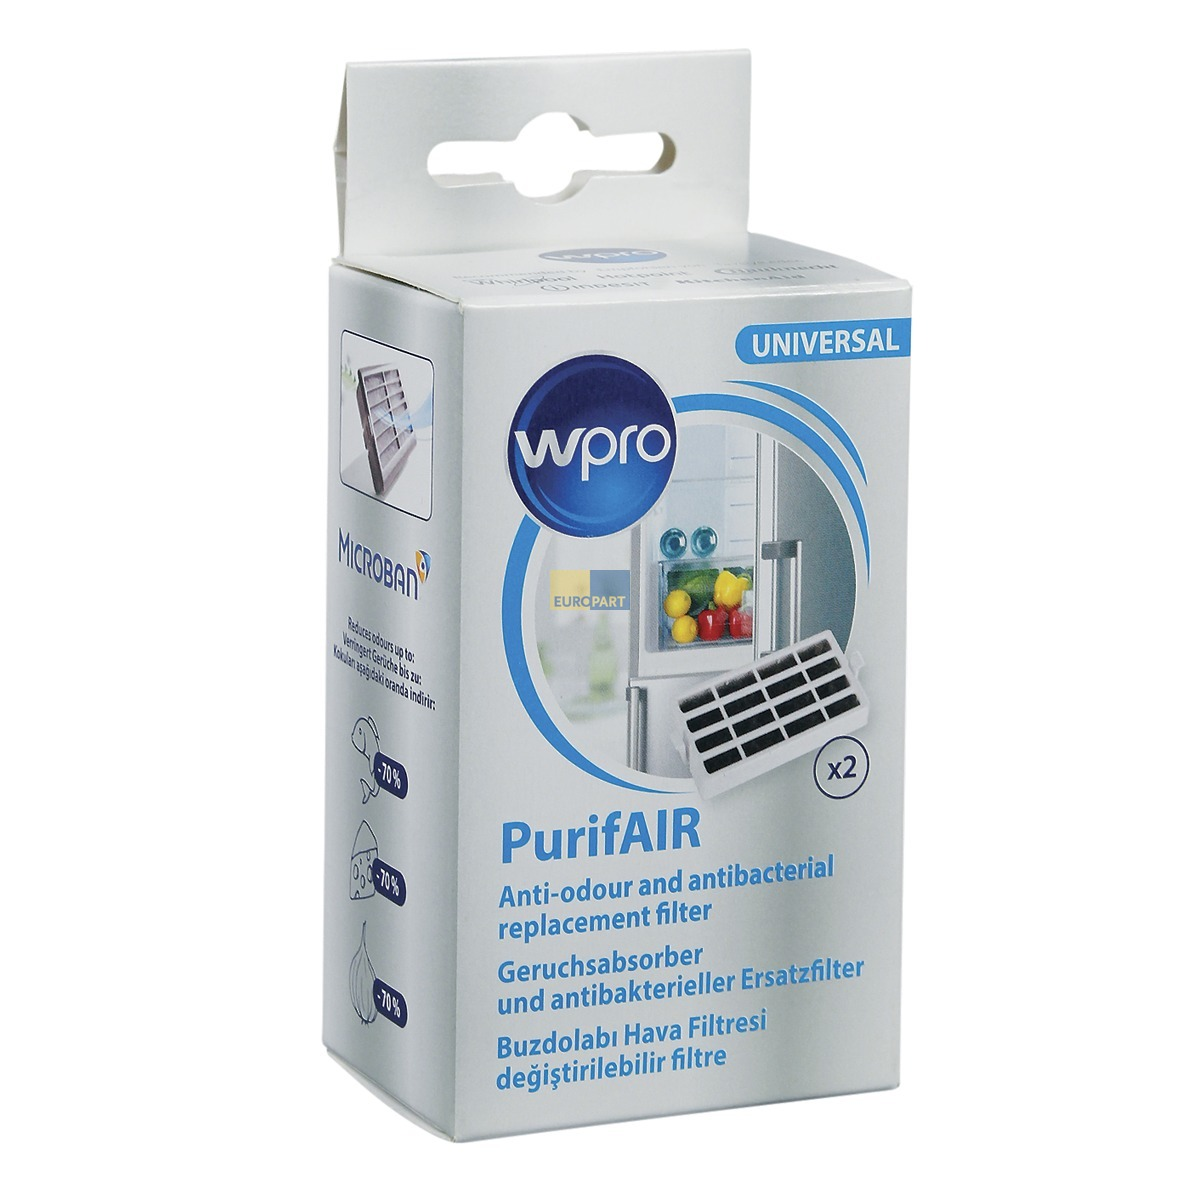 Kühlschrank-Geruchsentferner Wpro PurifAIR Univers - ABEA Hausgeräte ...